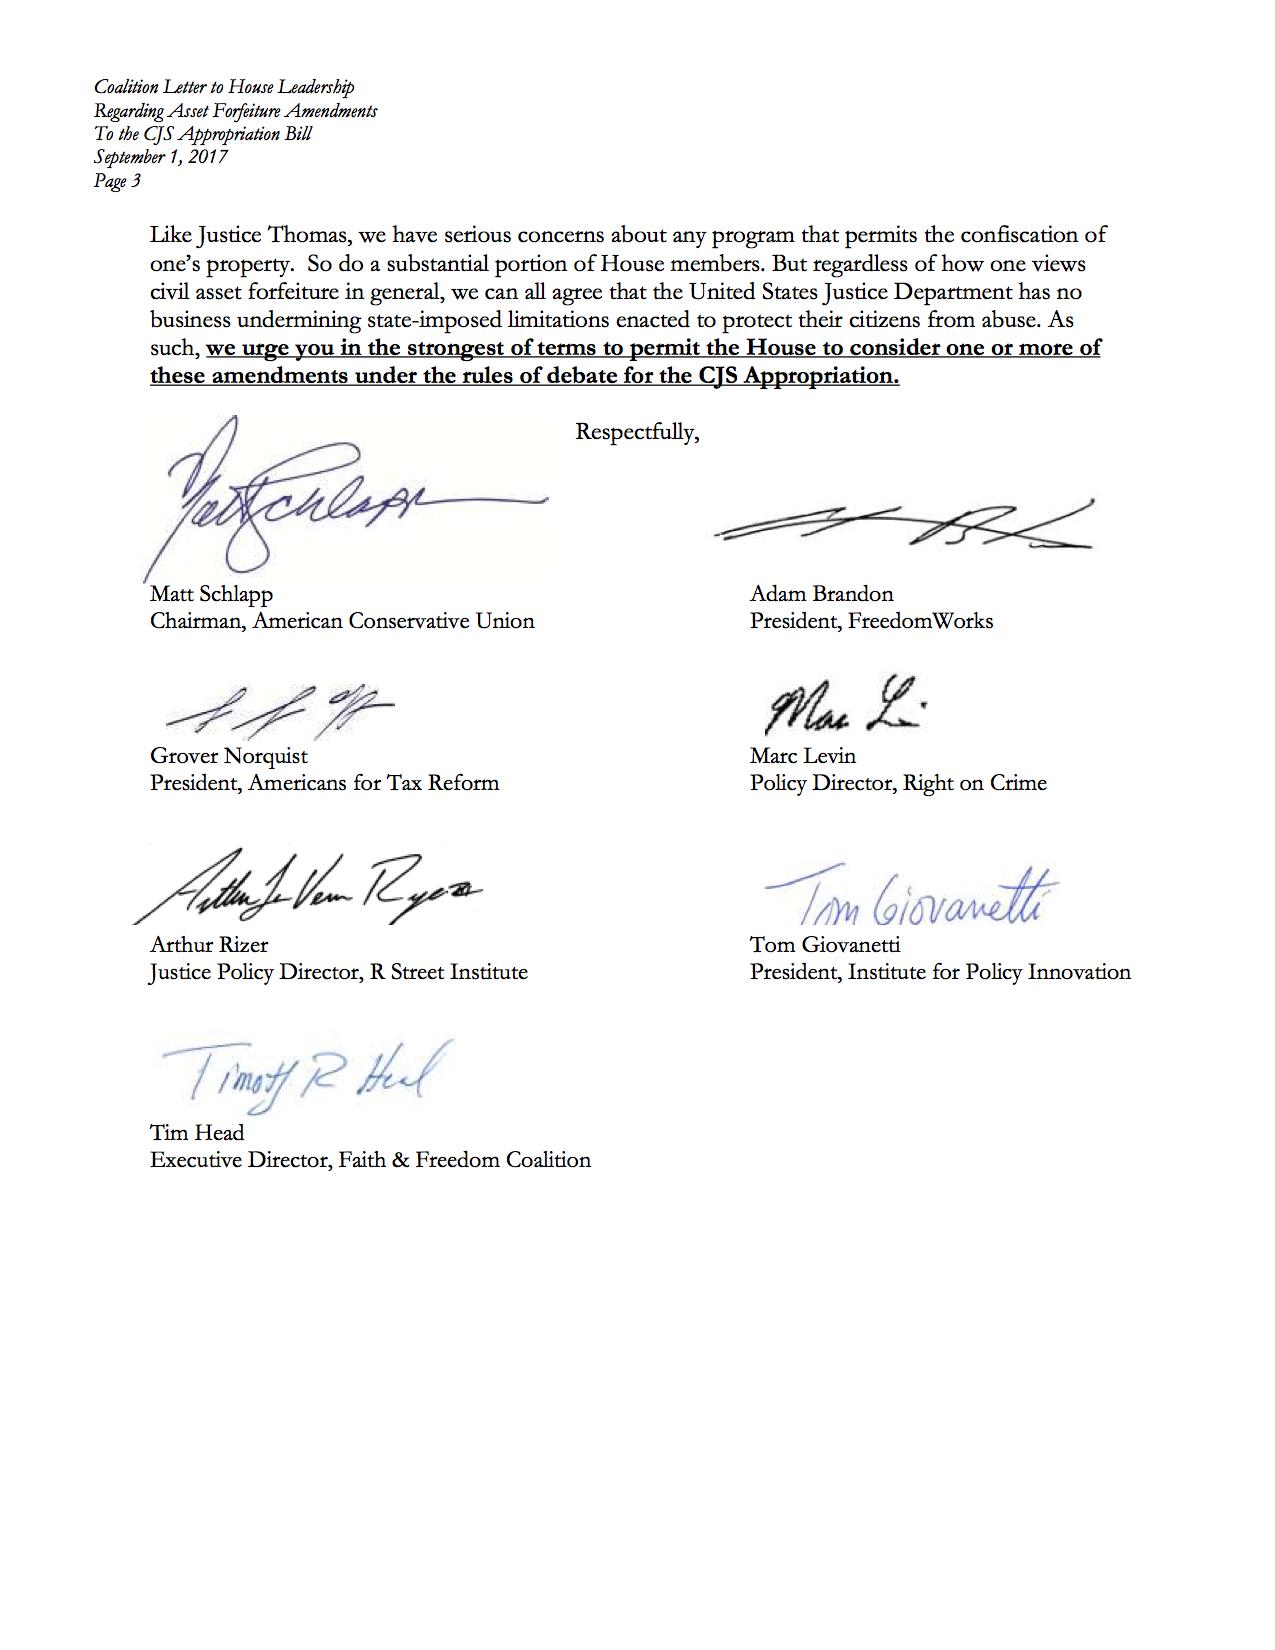 Asset_Forfeiture_CJS_Letter_3.jpg